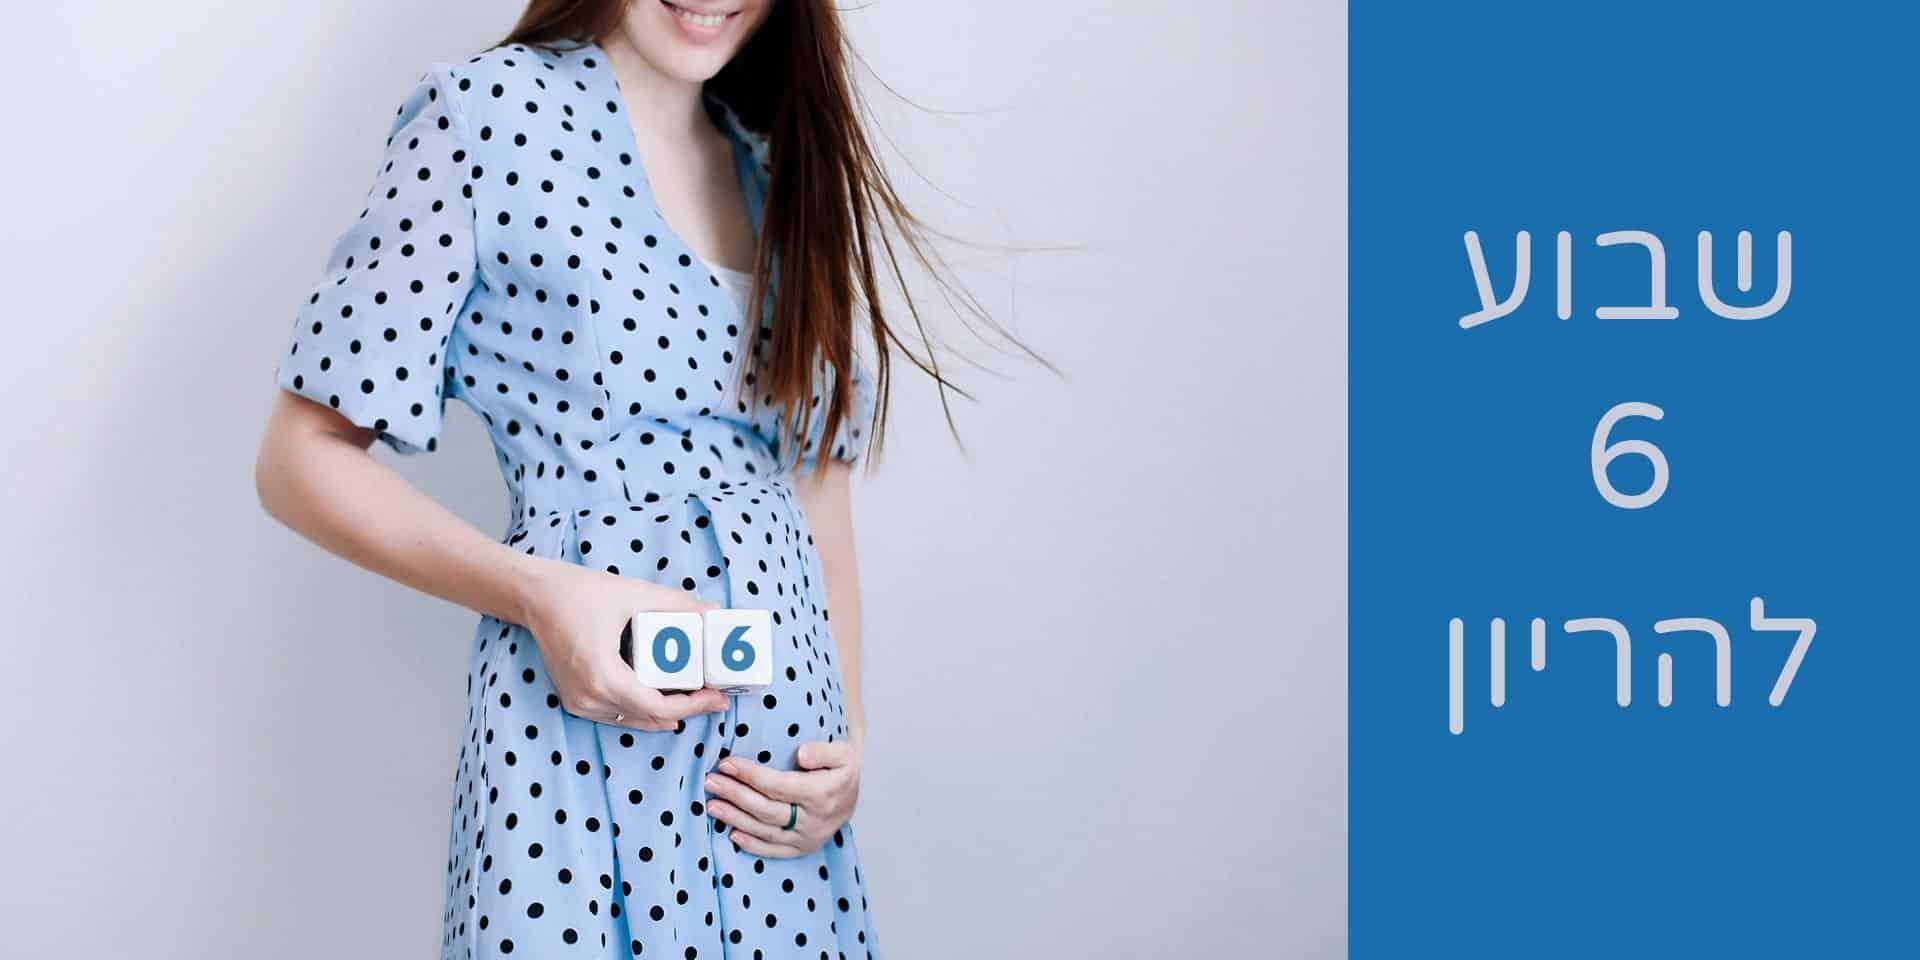 שבוע 6 להריון